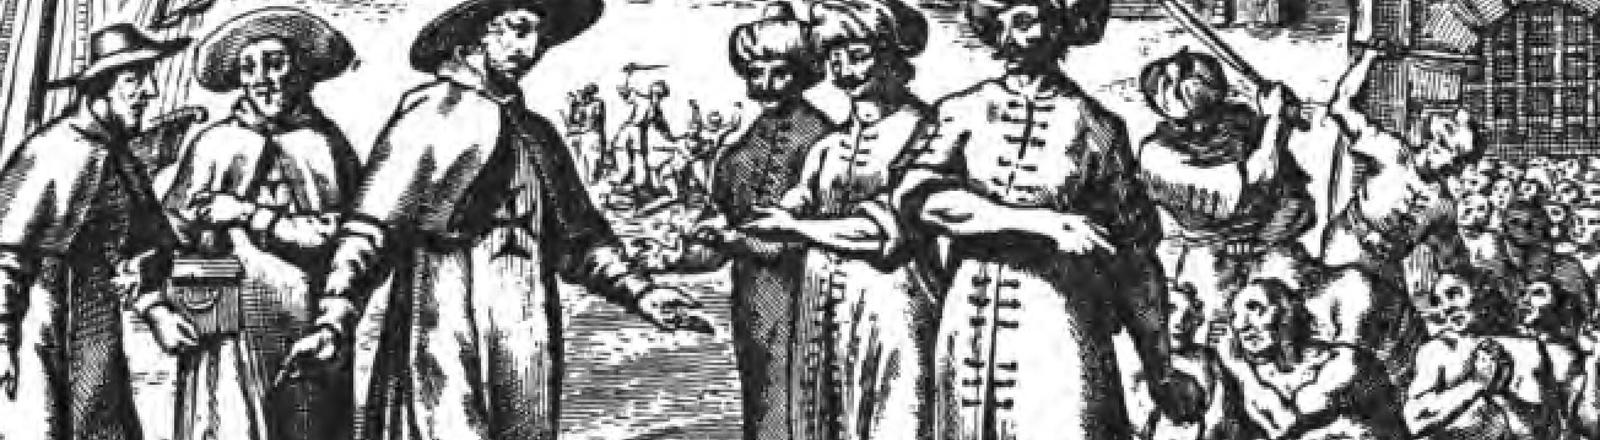 Christen kaufen Sklaven frei.